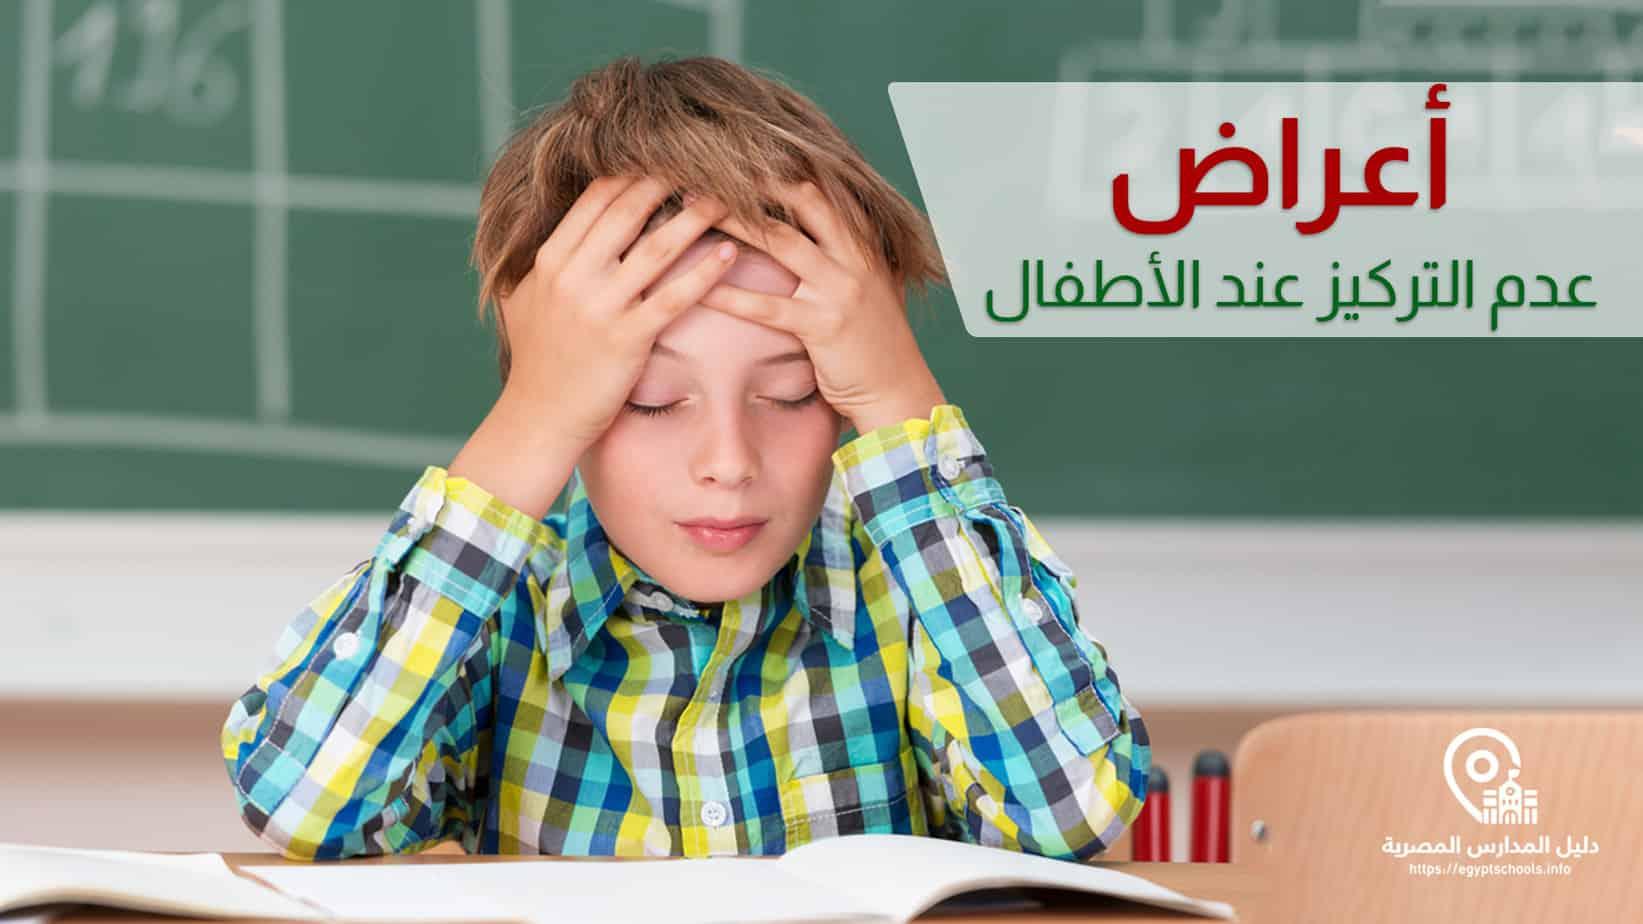 عدم التركيز عند الأطفال أسبابه وعلاجه